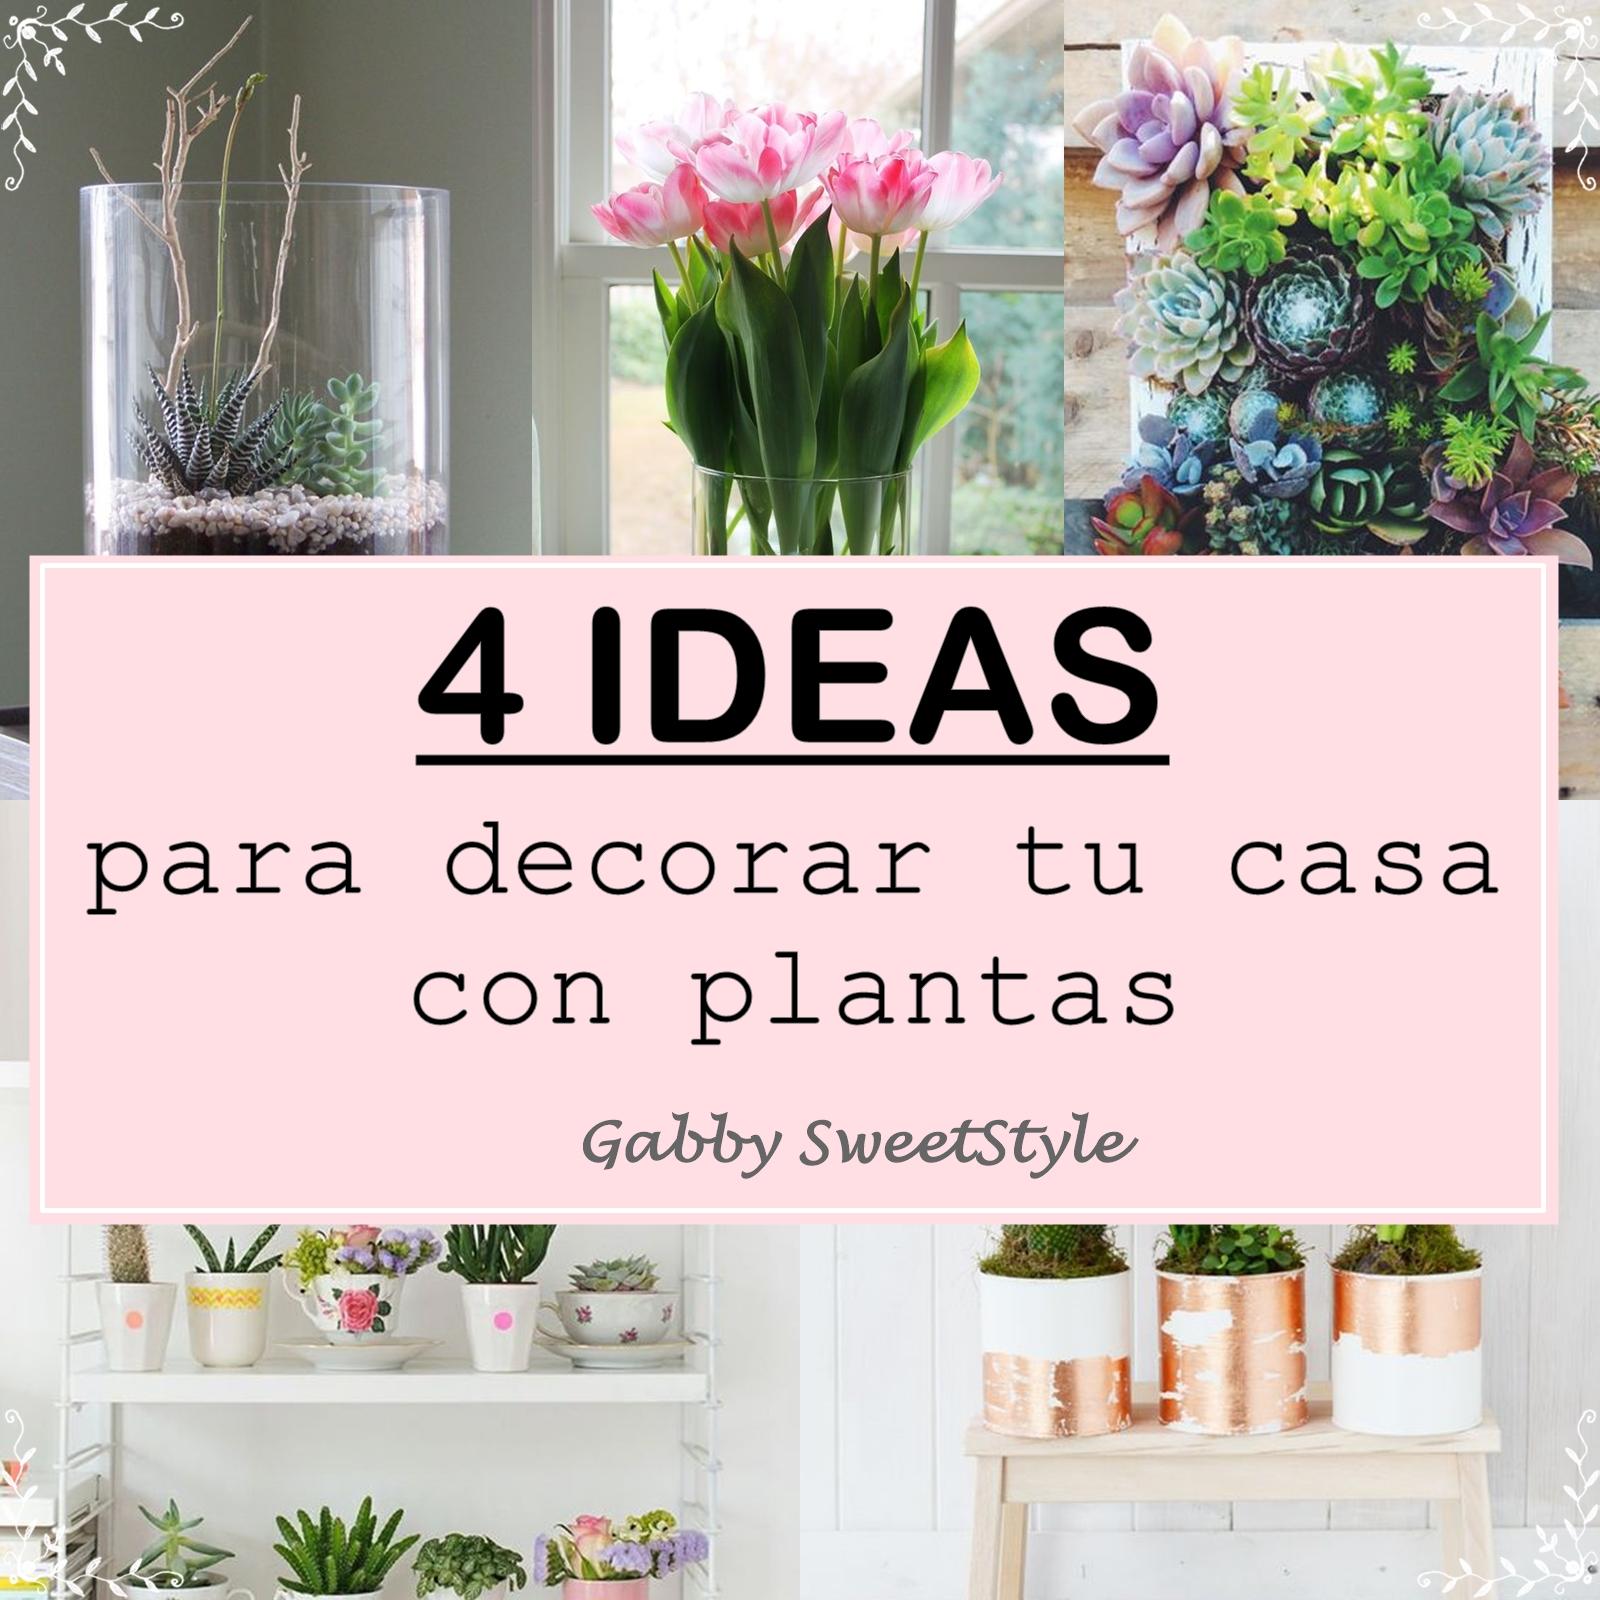 Cuatro ideas para decorar tu casa con plantas